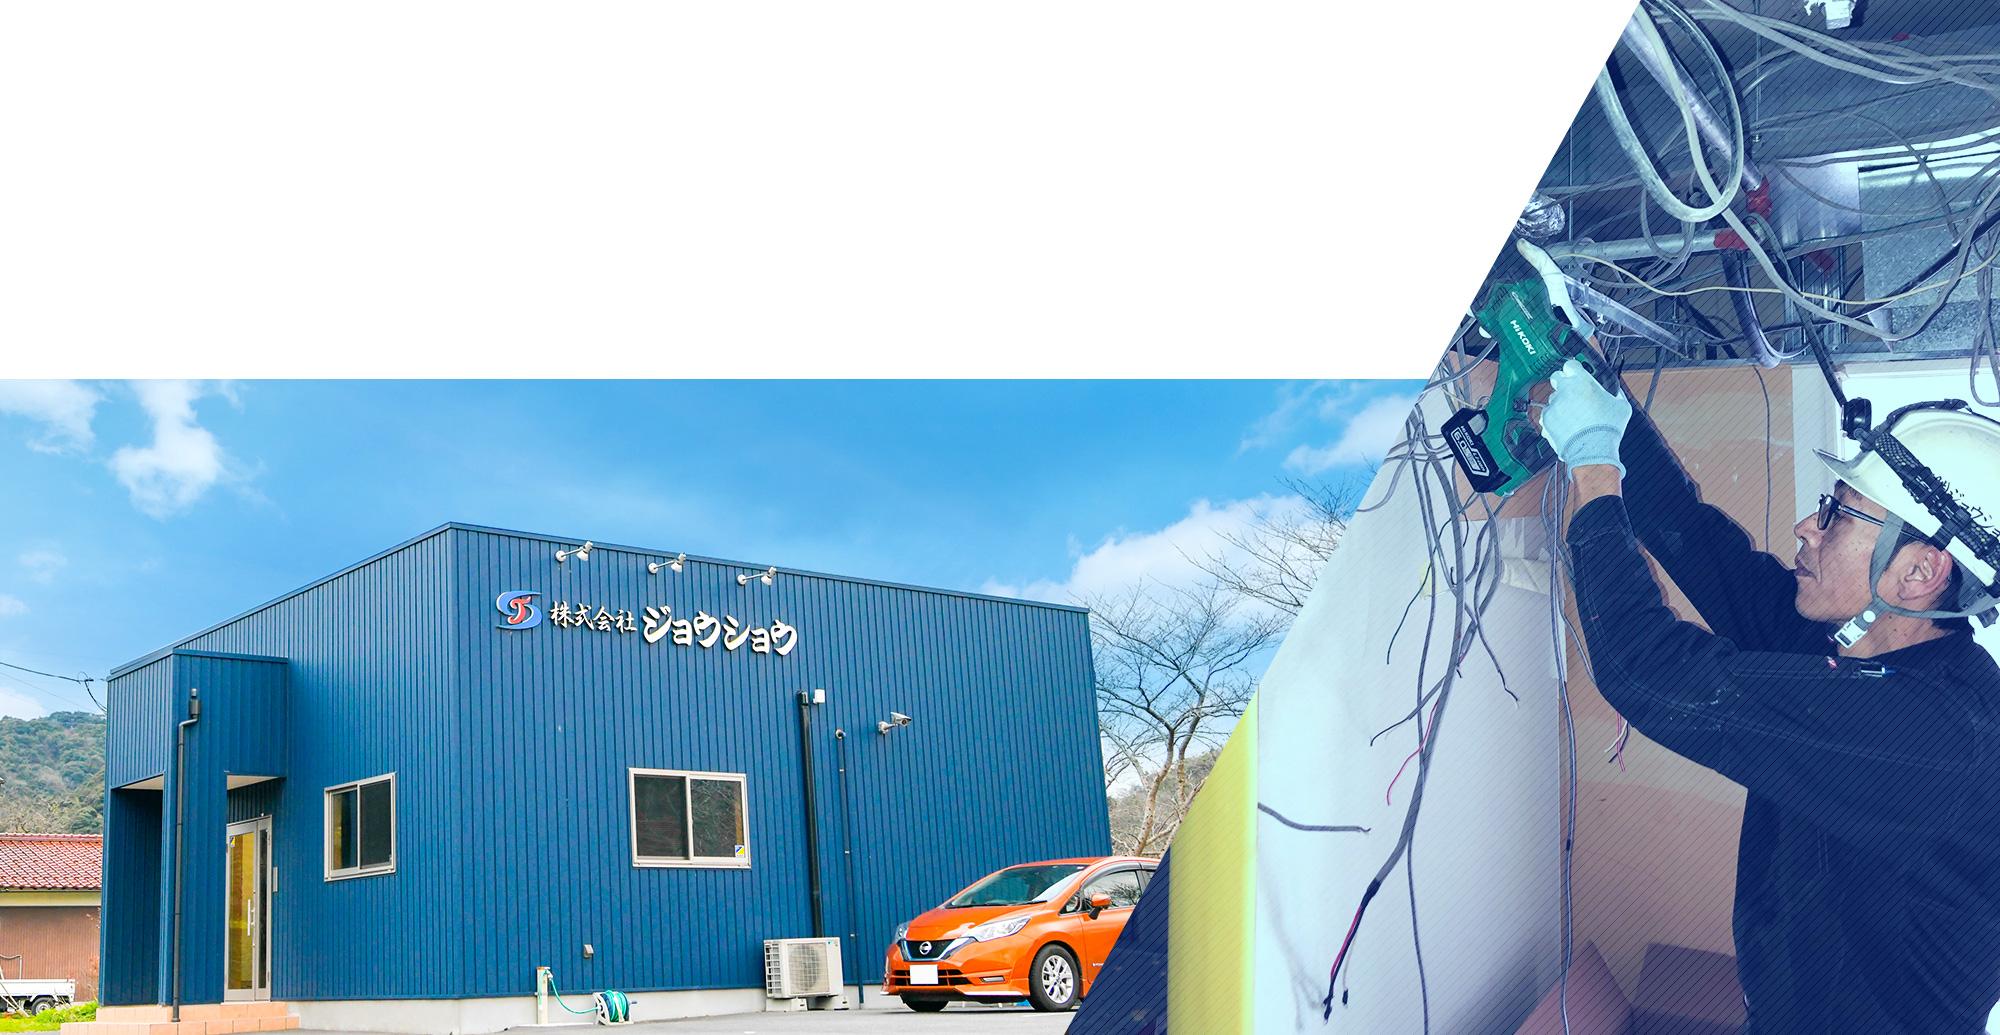 高い技術力で安心・快適な空間作りをサポート  施設の用途や環境に合わせた最適な施工を行います。